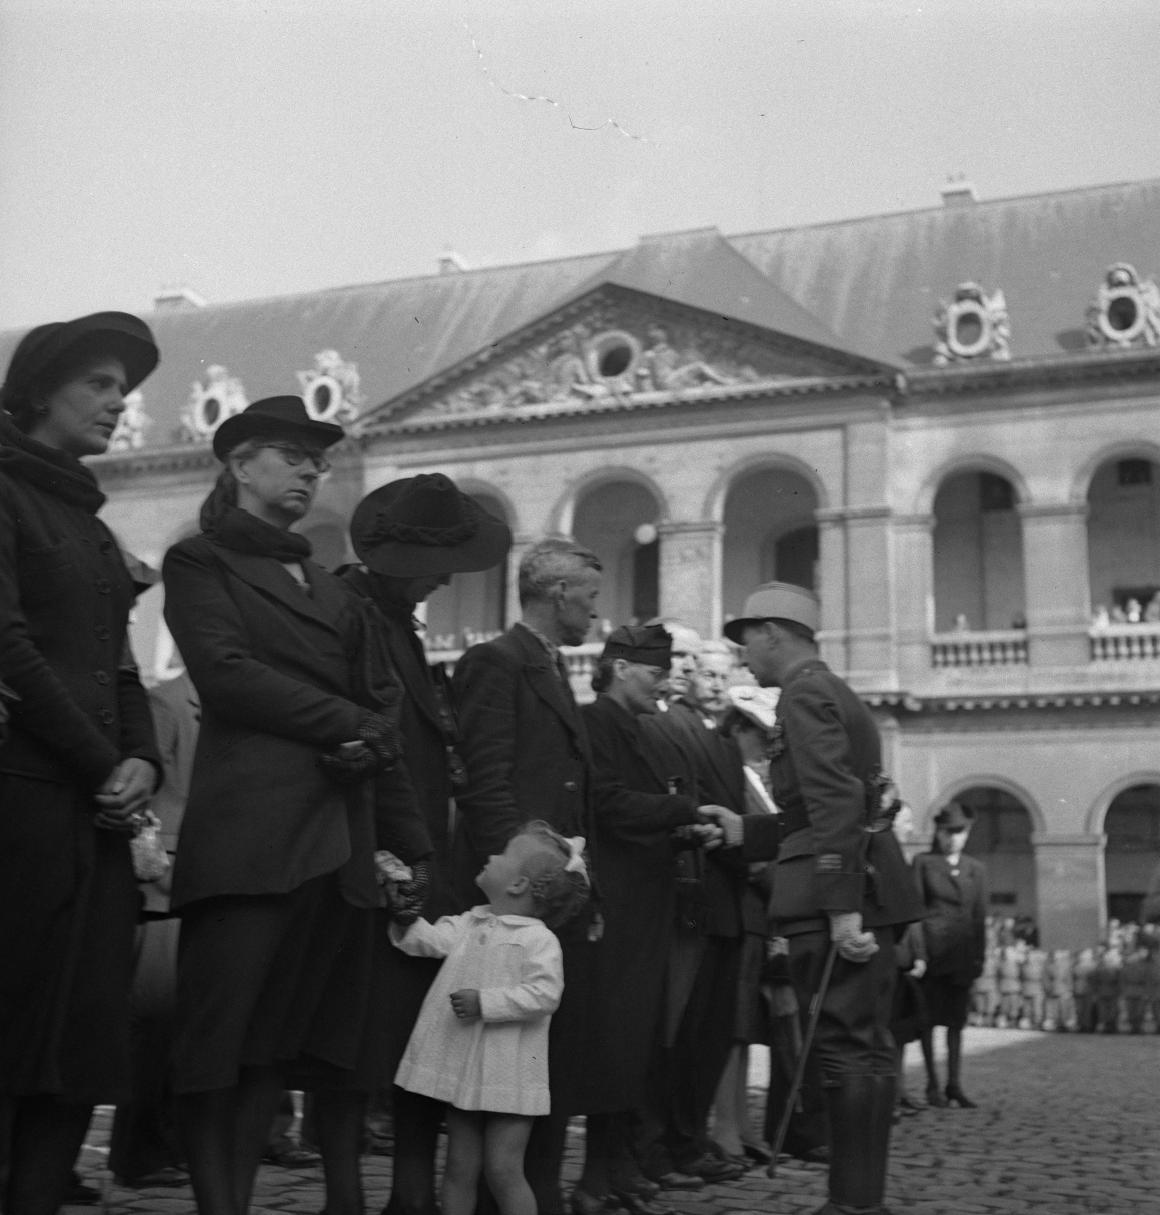 33. Капитан Дюпуи от имени маршала Петена вручает военные кресты семьям погибших легионеров